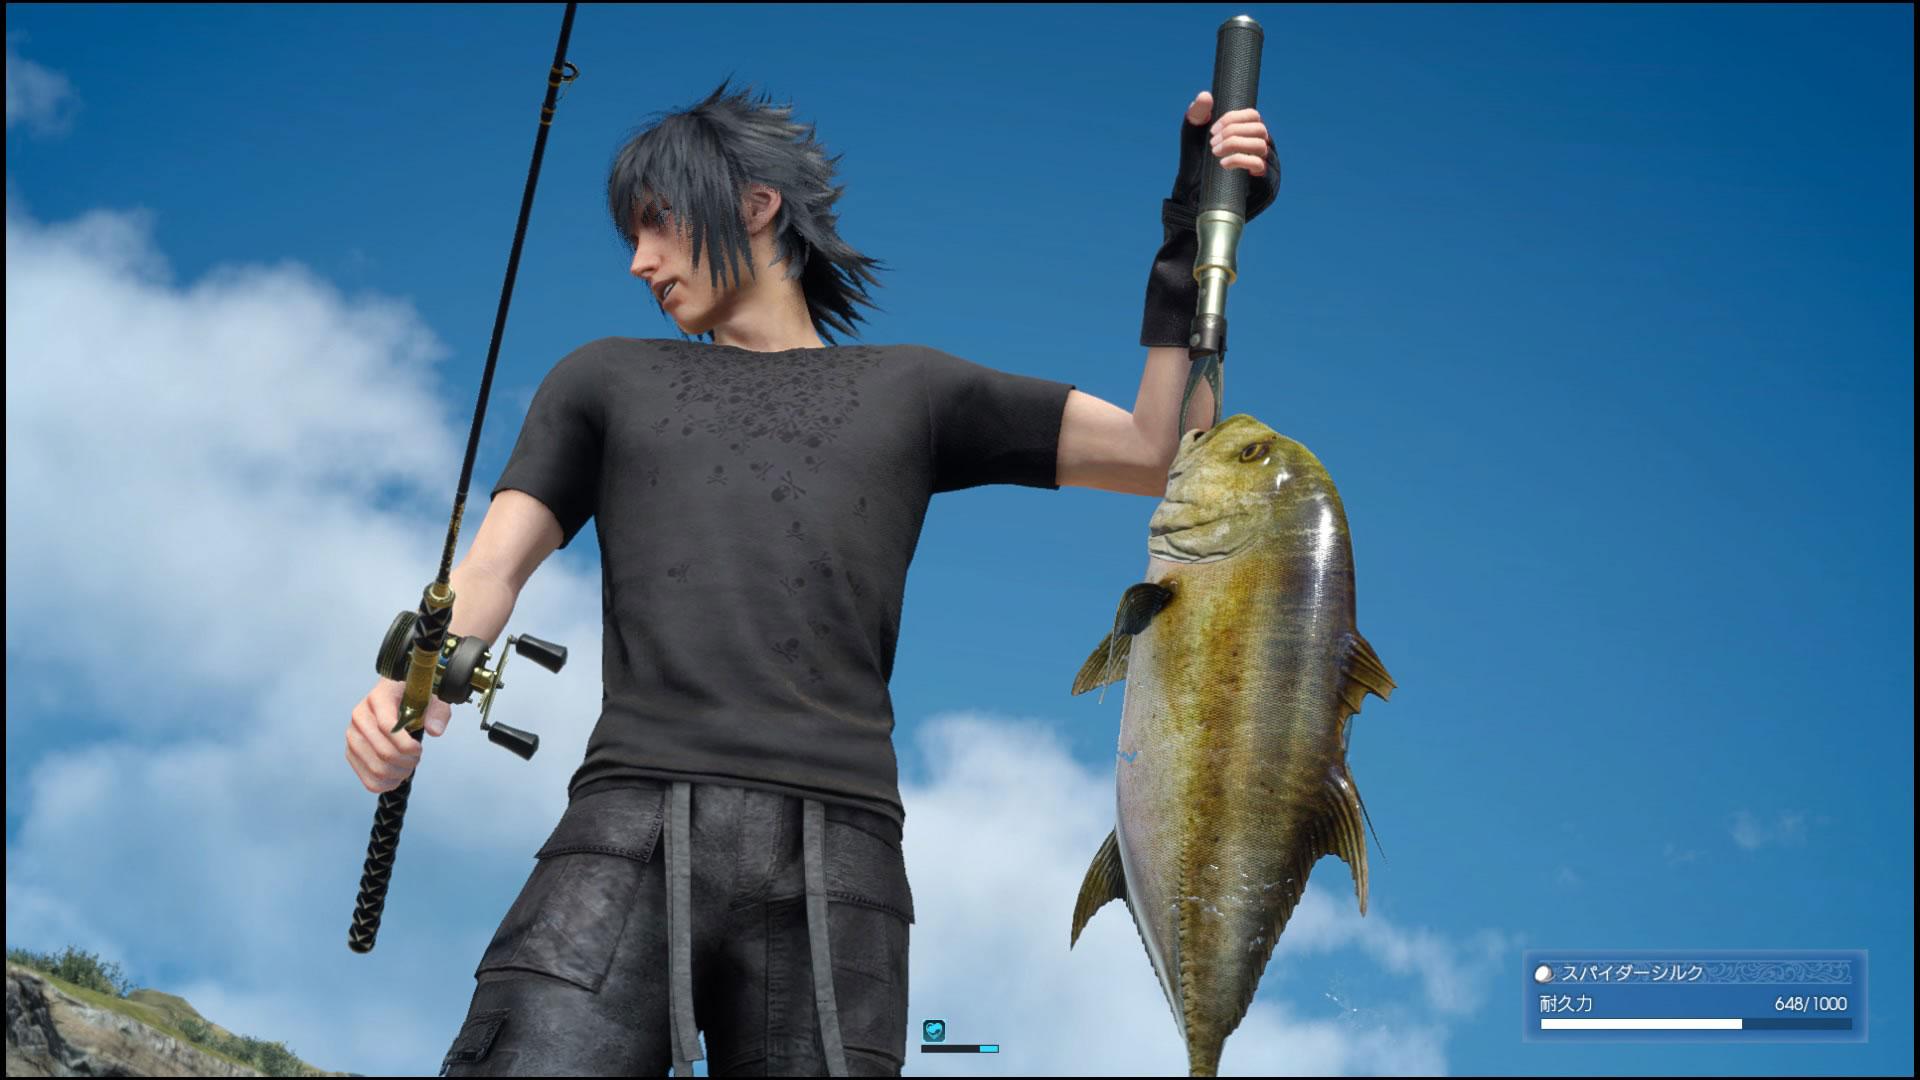 餌やルアーだけなら一般的な釣りゲームですが、ロッドからラインリード、リールに至るまで準備されているFF15の釣り。